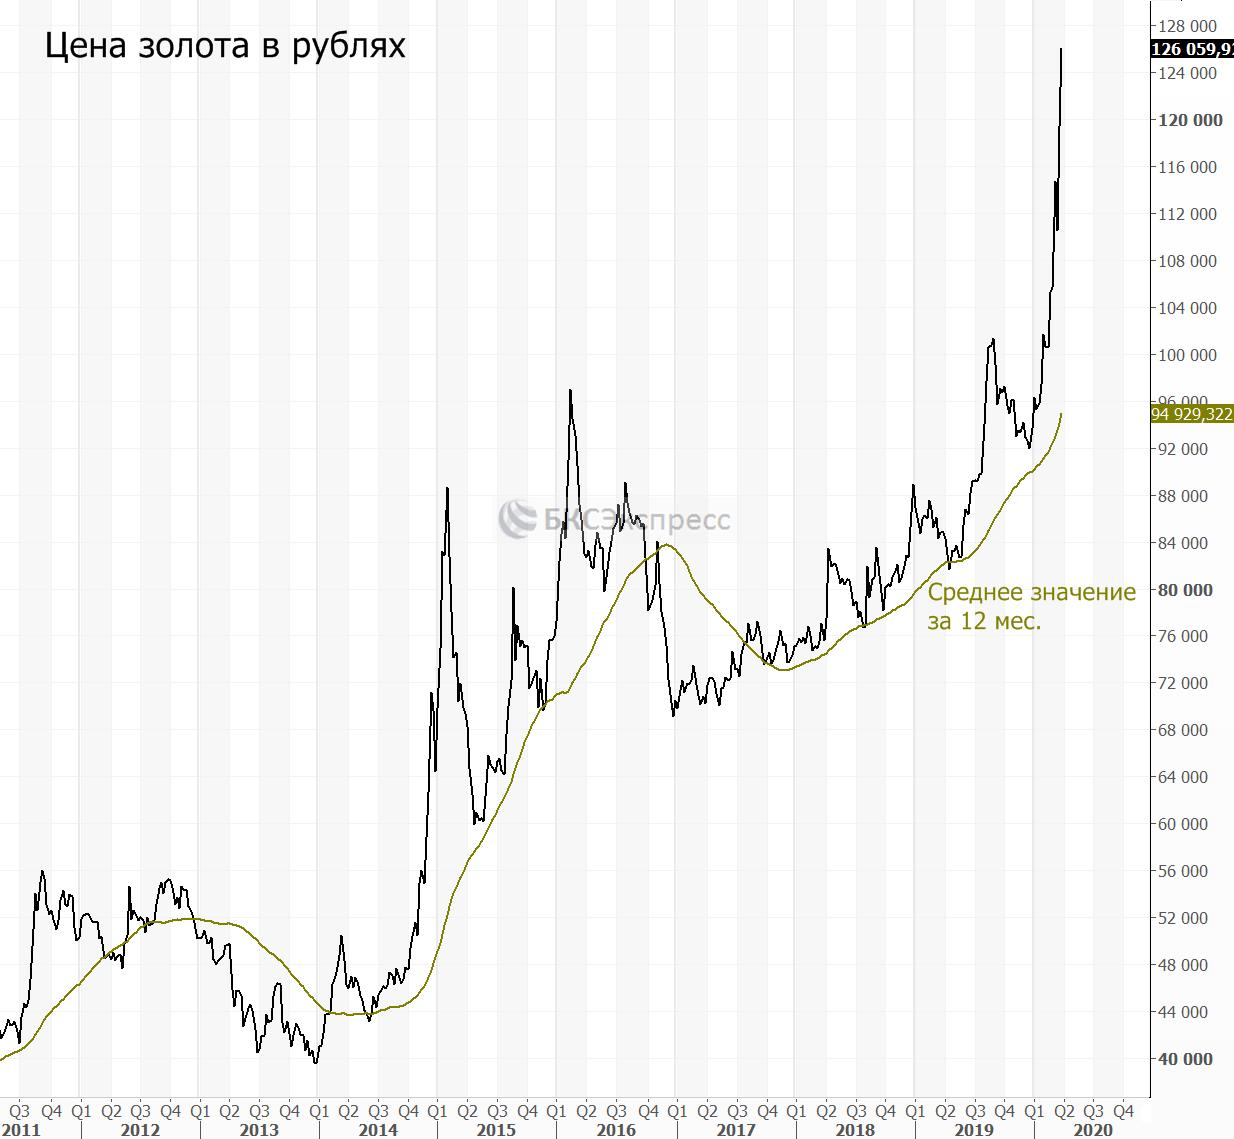 График цены золота в рублях. Идея от БКС